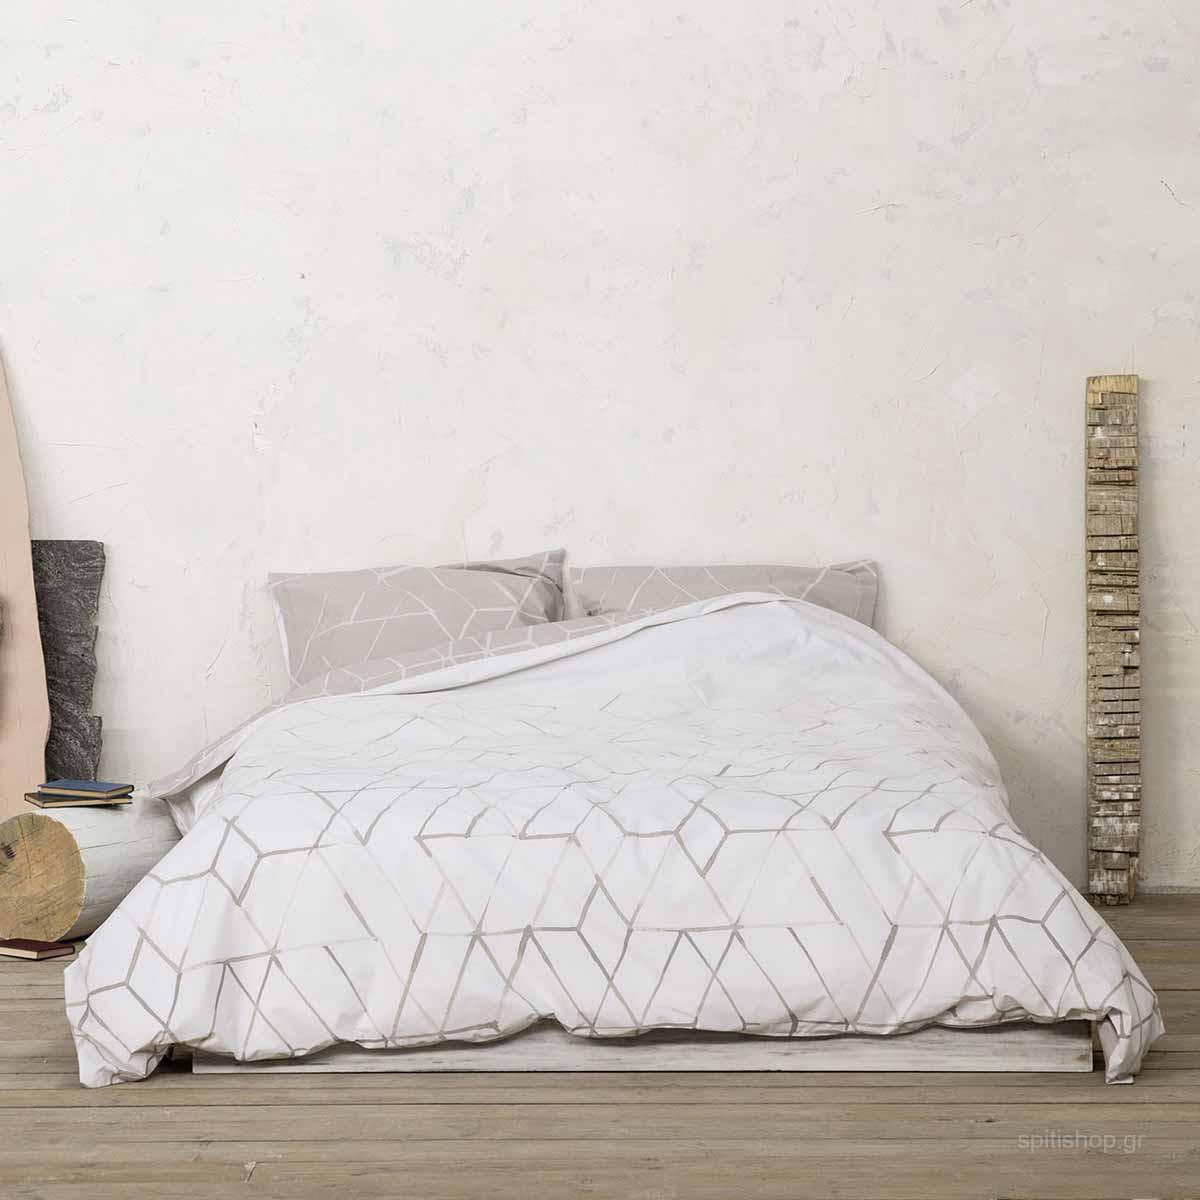 Σεντόνια Υπέρδιπλα (Σετ) Nima Bed Linen Asymmetry Beige